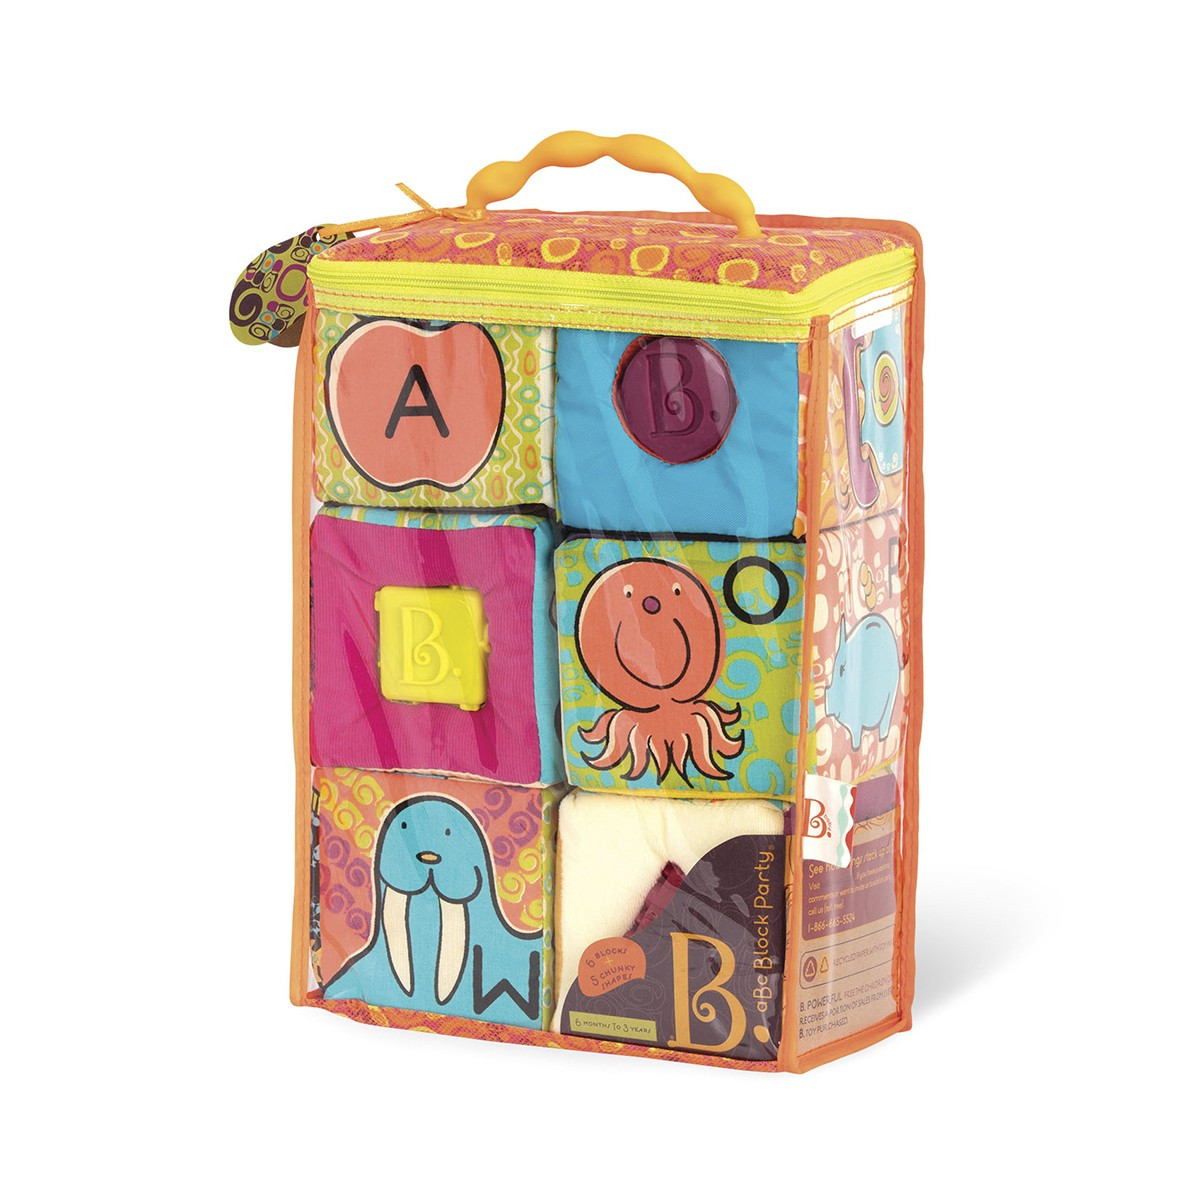 Battat - Развивающие мягкие кубики-сортеры - ABC